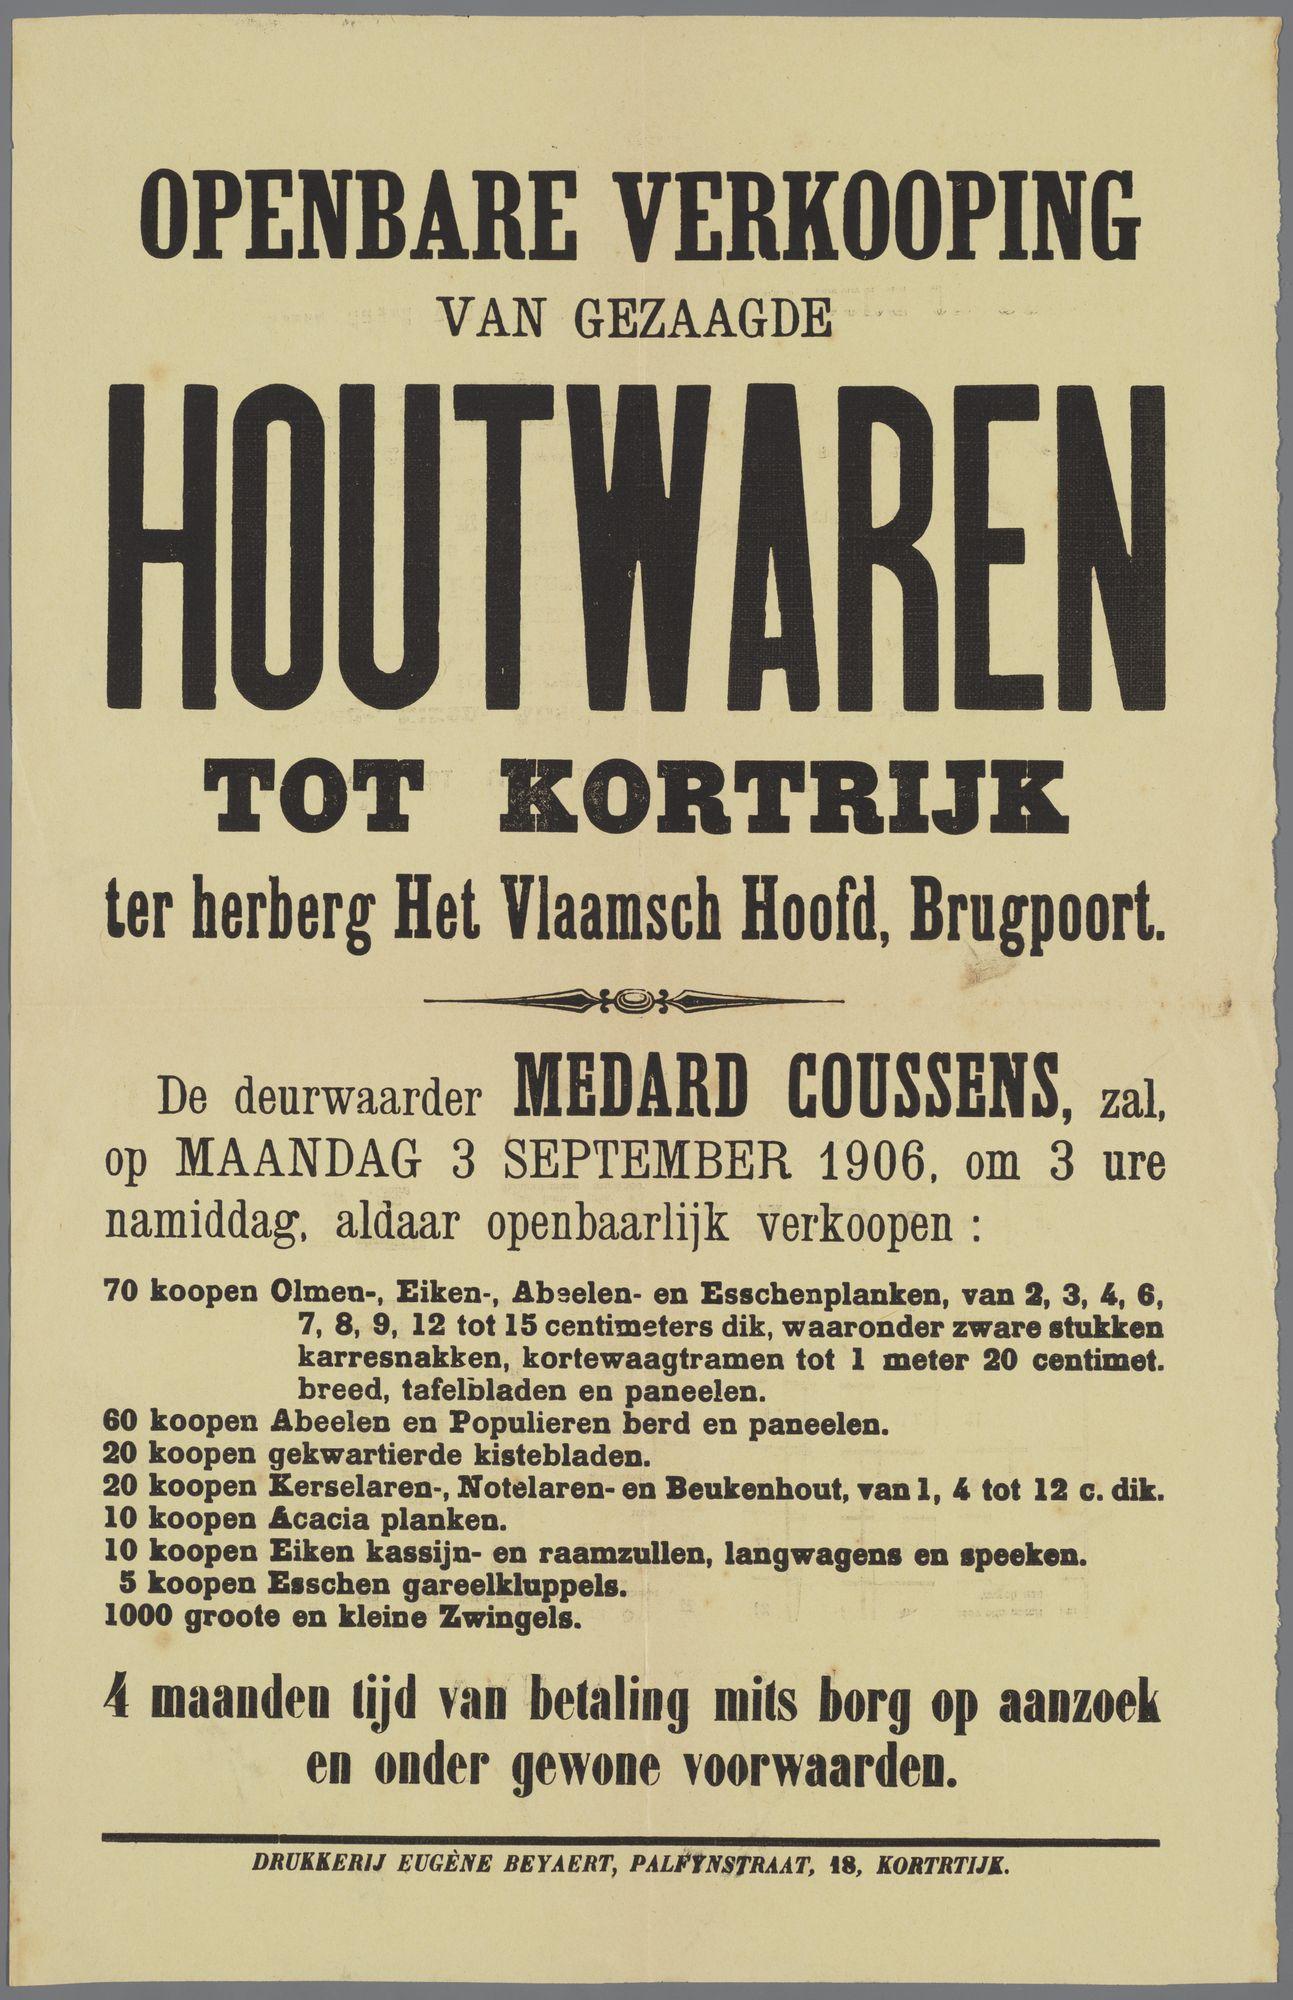 Verkoop van houtwaren 1906